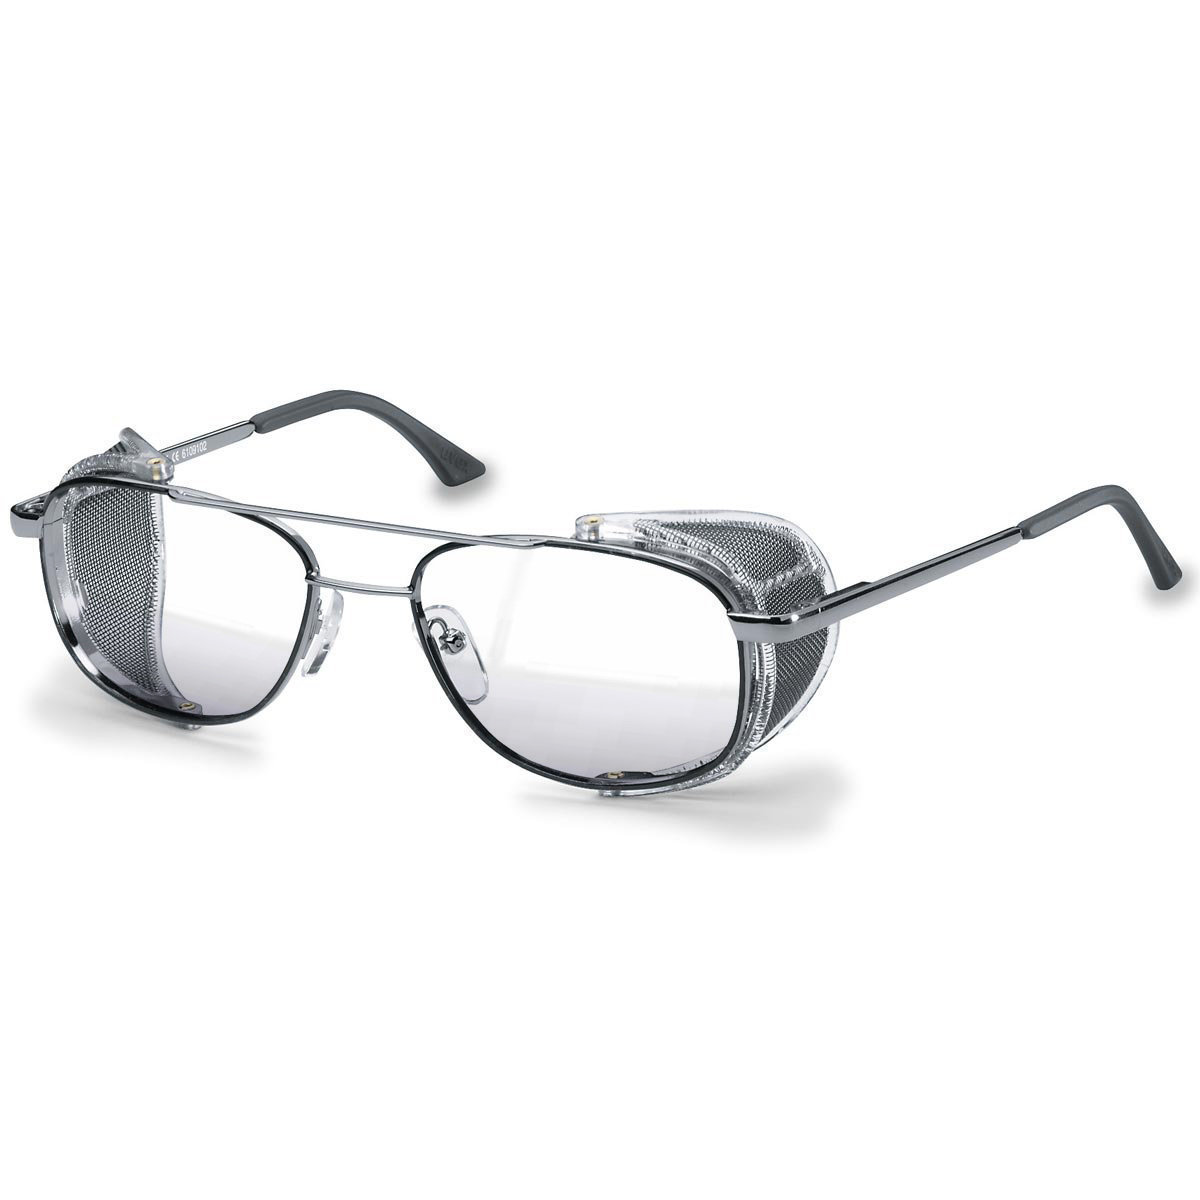 Uvex Korrektionsschutzbrille RX 5101 - Super-Entspiegelung